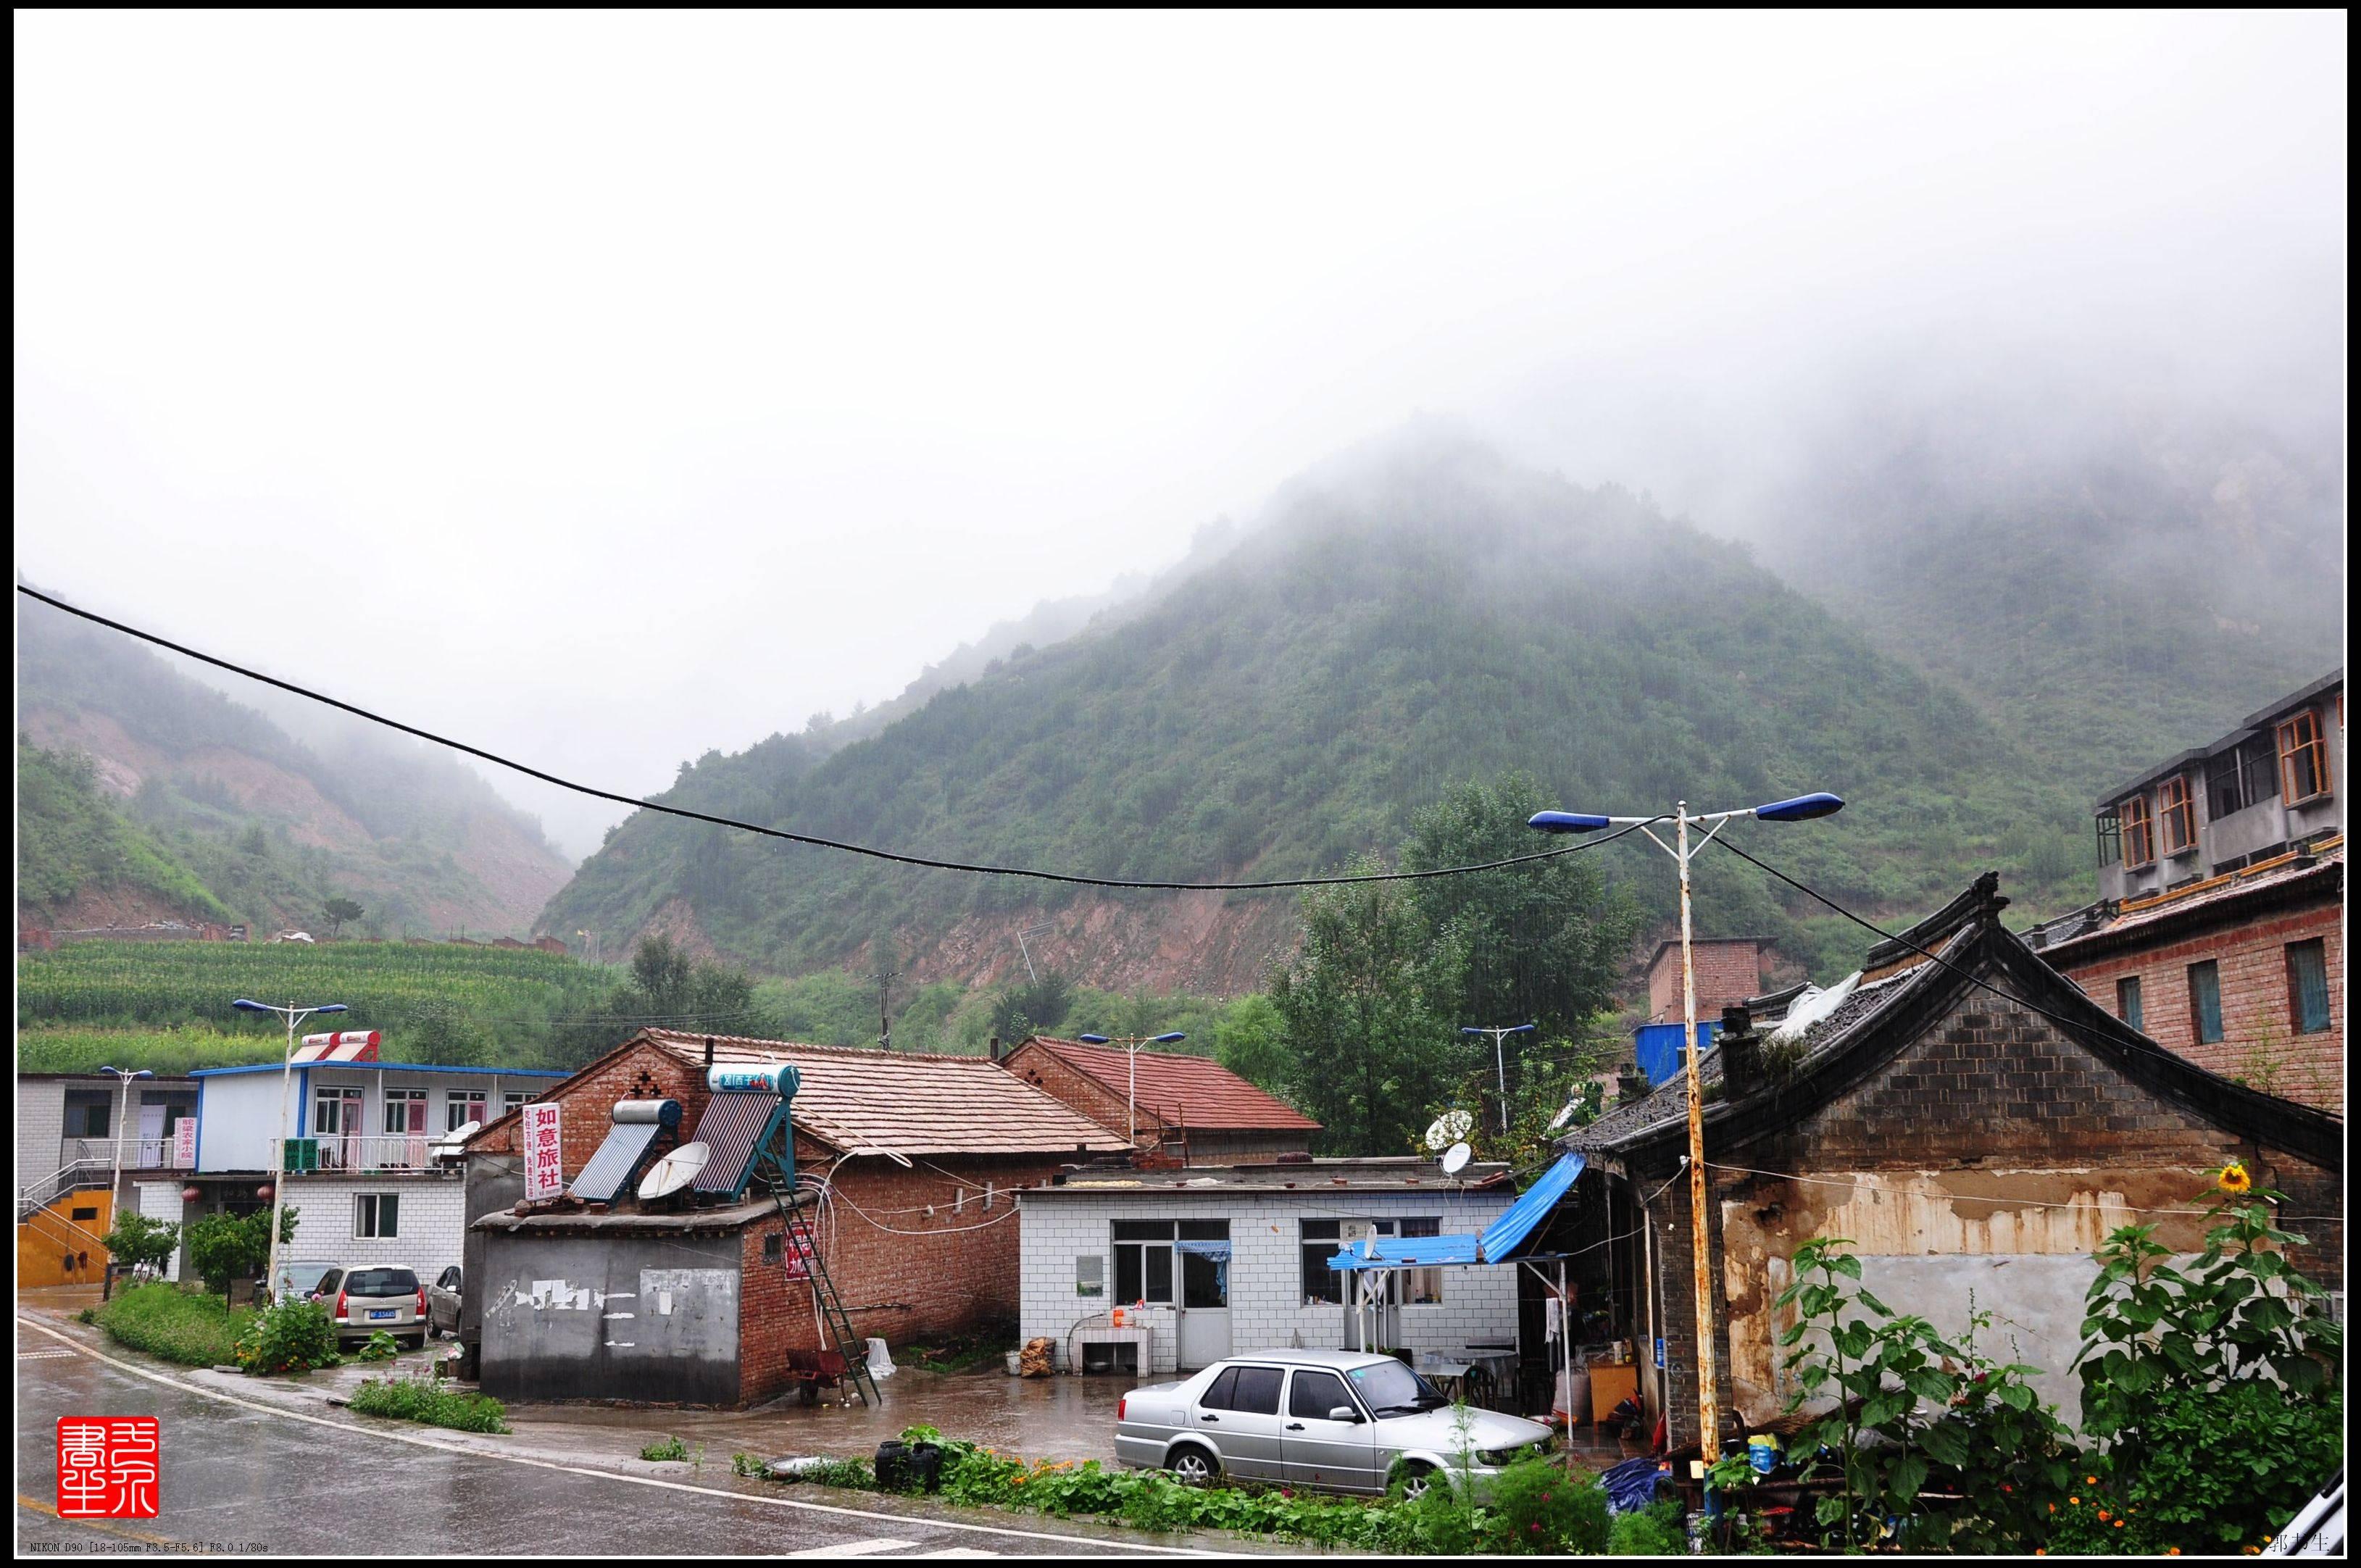 驼梁黄土台,暴雨洗礼中的小山村《百村写真》  第6张